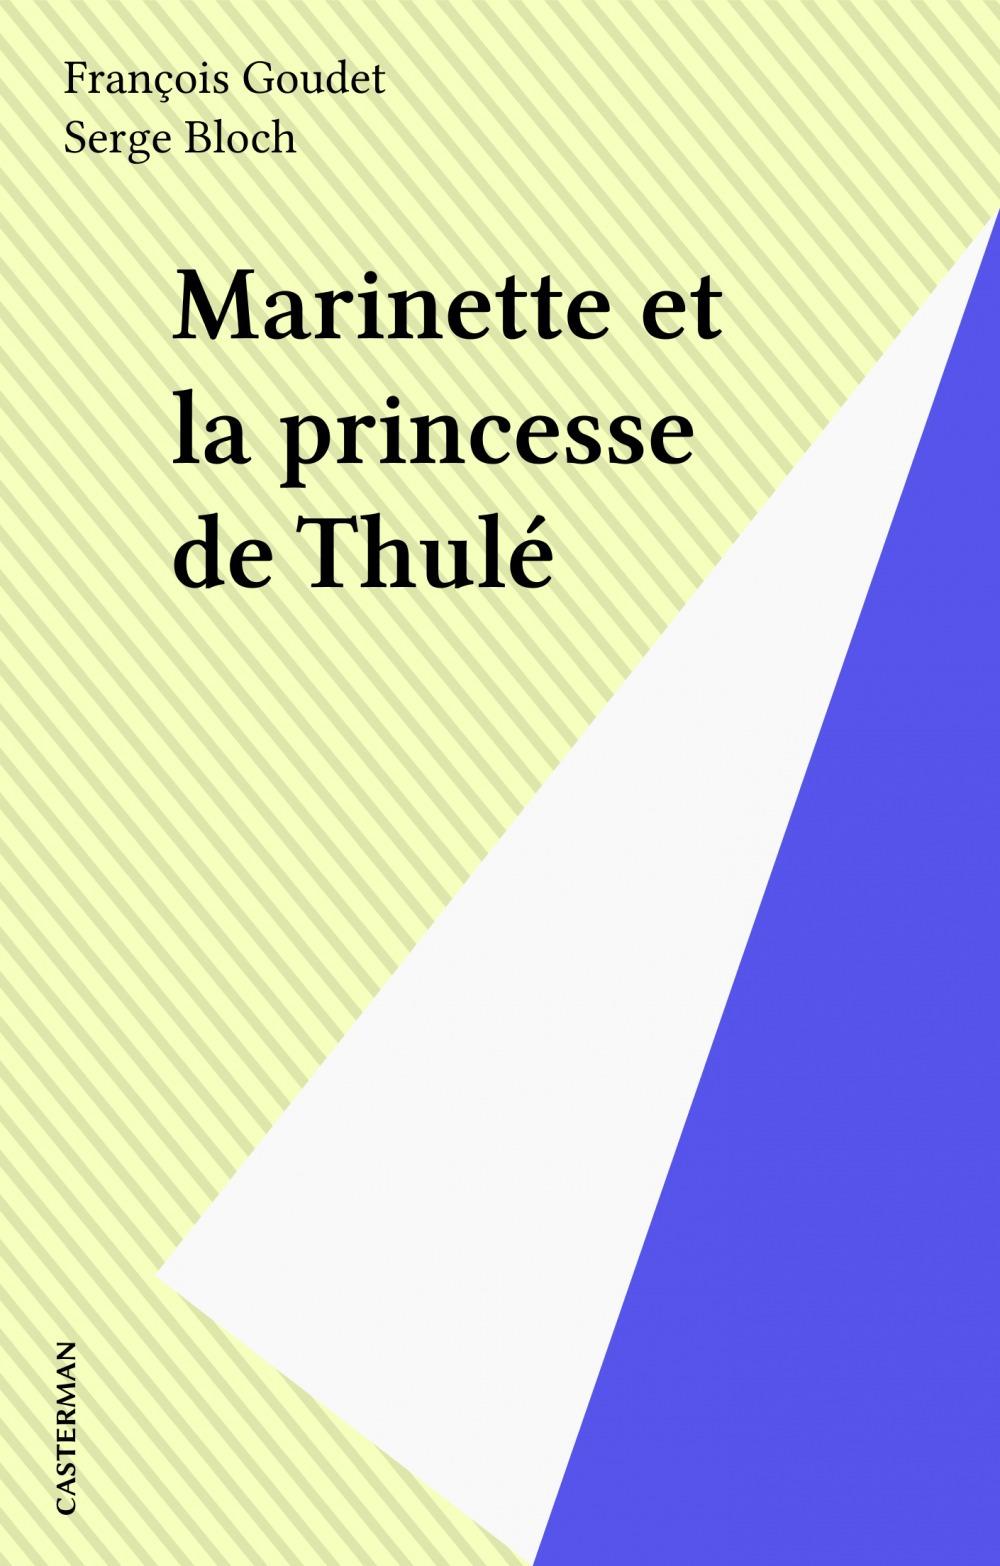 Marinette et princesse de thul